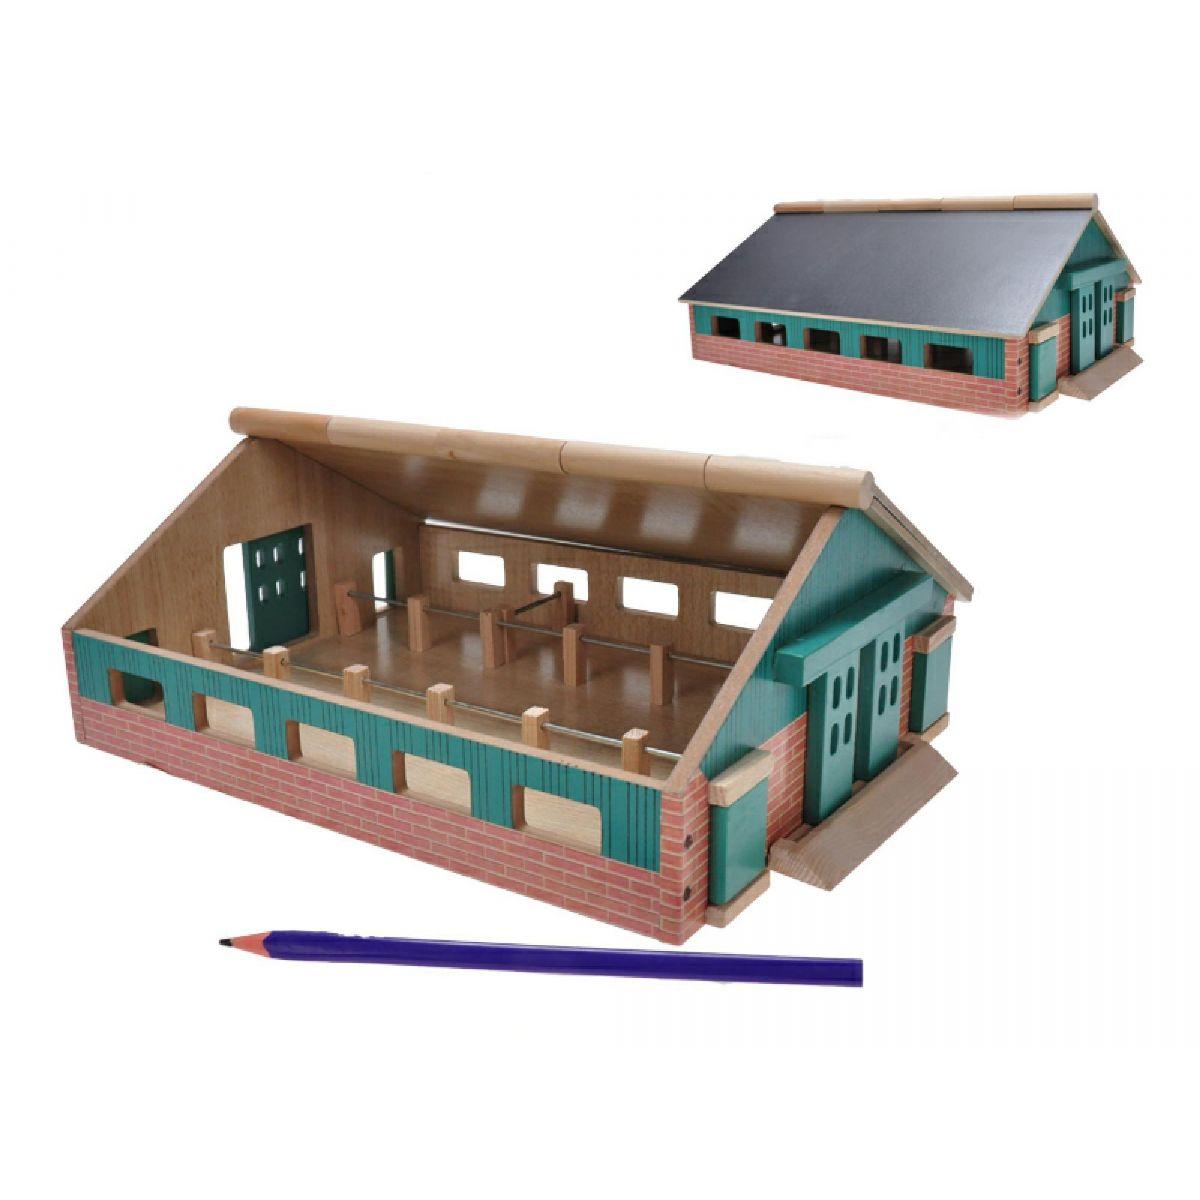 Farma dřevěná 212x30x112cm 1:87